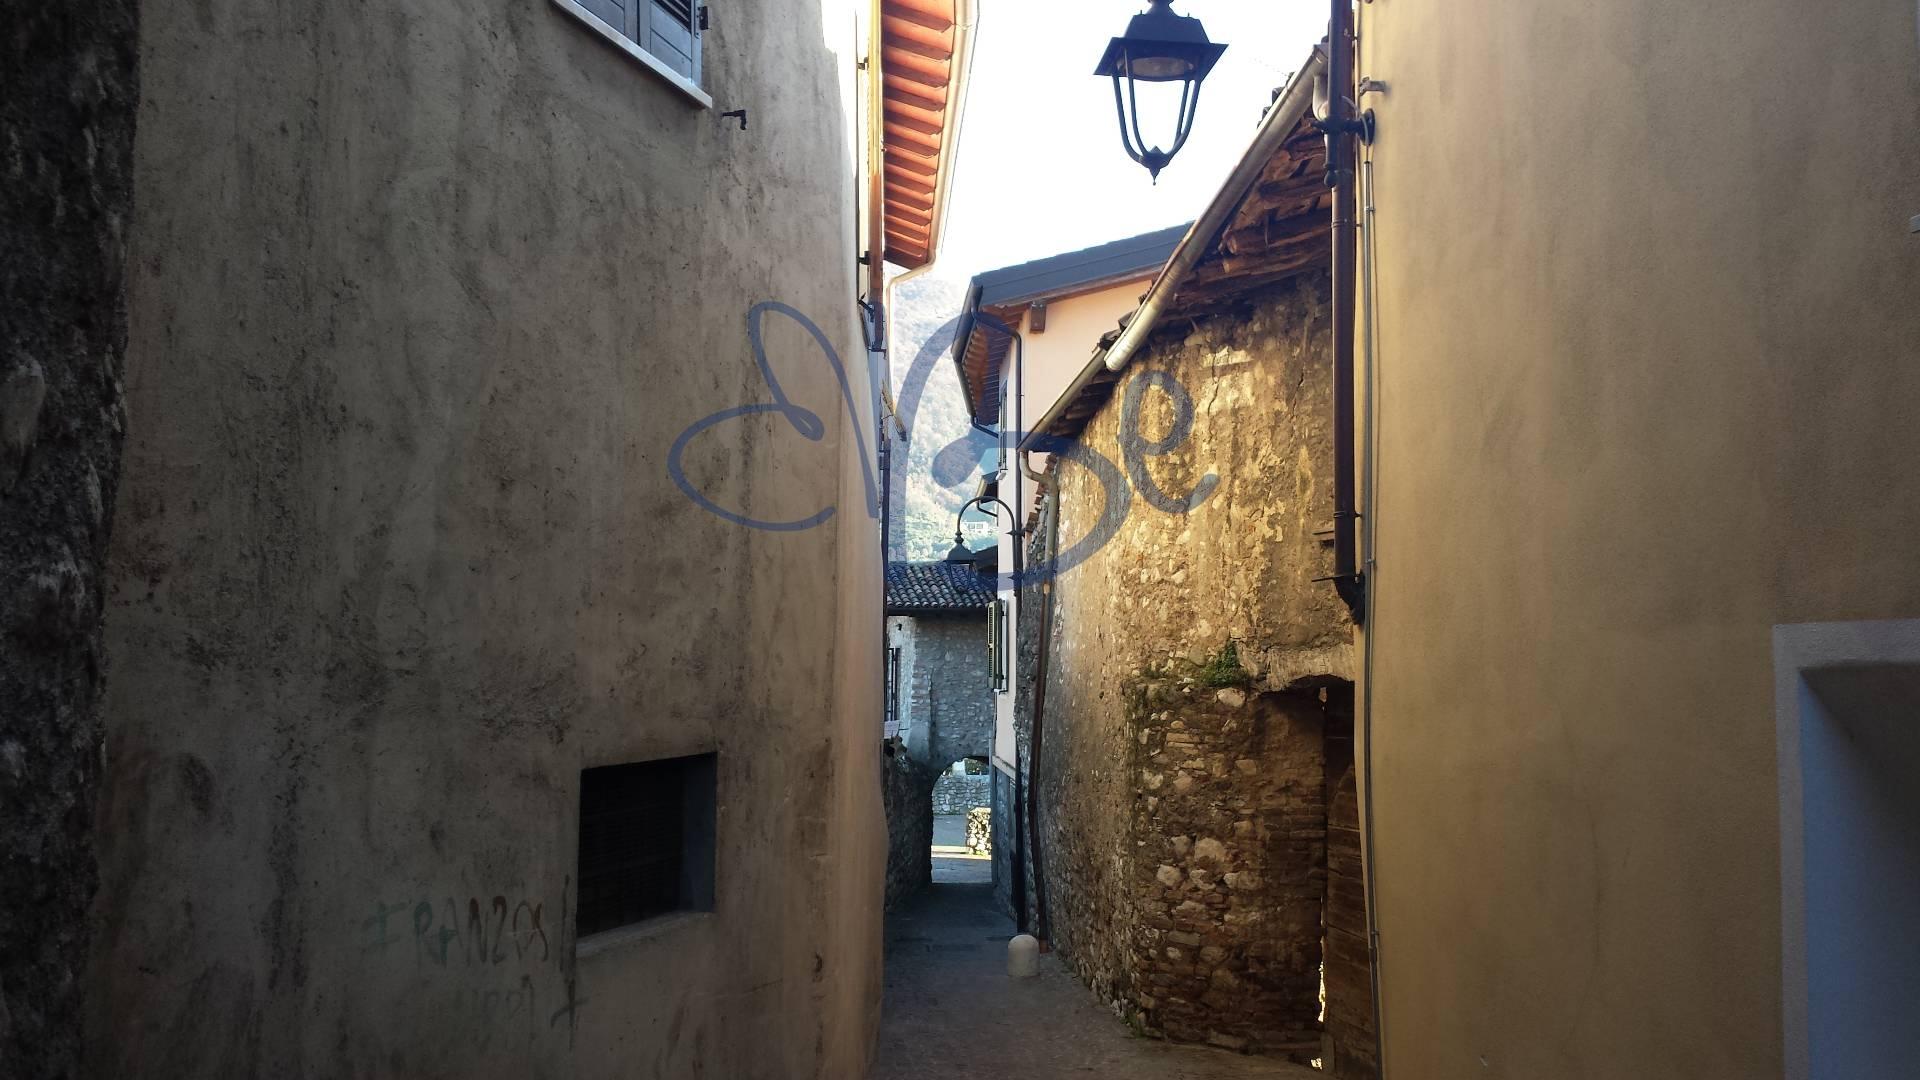 Rustico / Casale in vendita a Salò, 6 locali, zona Zona: Campoverde, prezzo € 260.000 | Cambio Casa.it